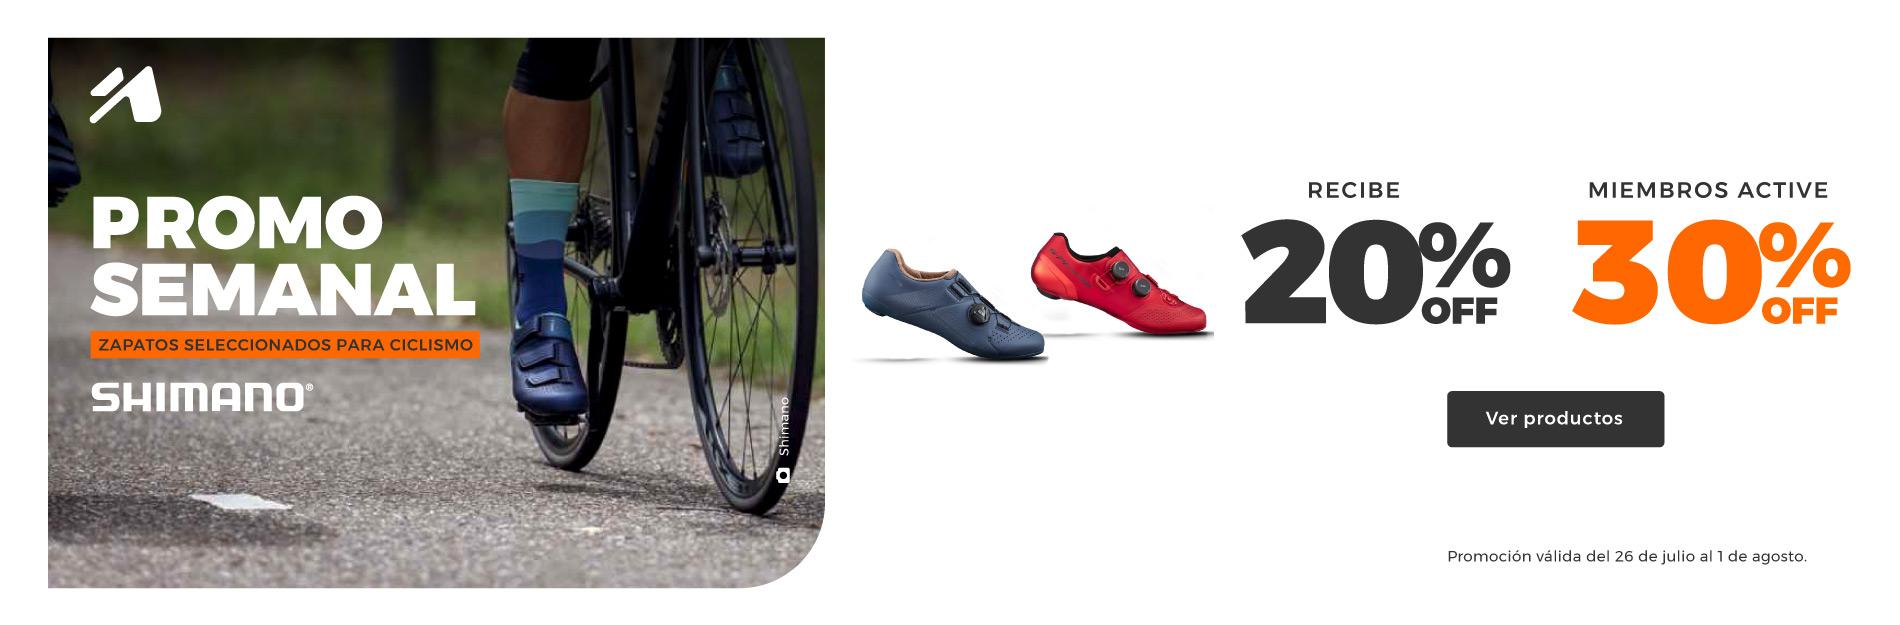 Promoción semanal Tatoo Ecuador: zapatos de ciclismo Shimano.